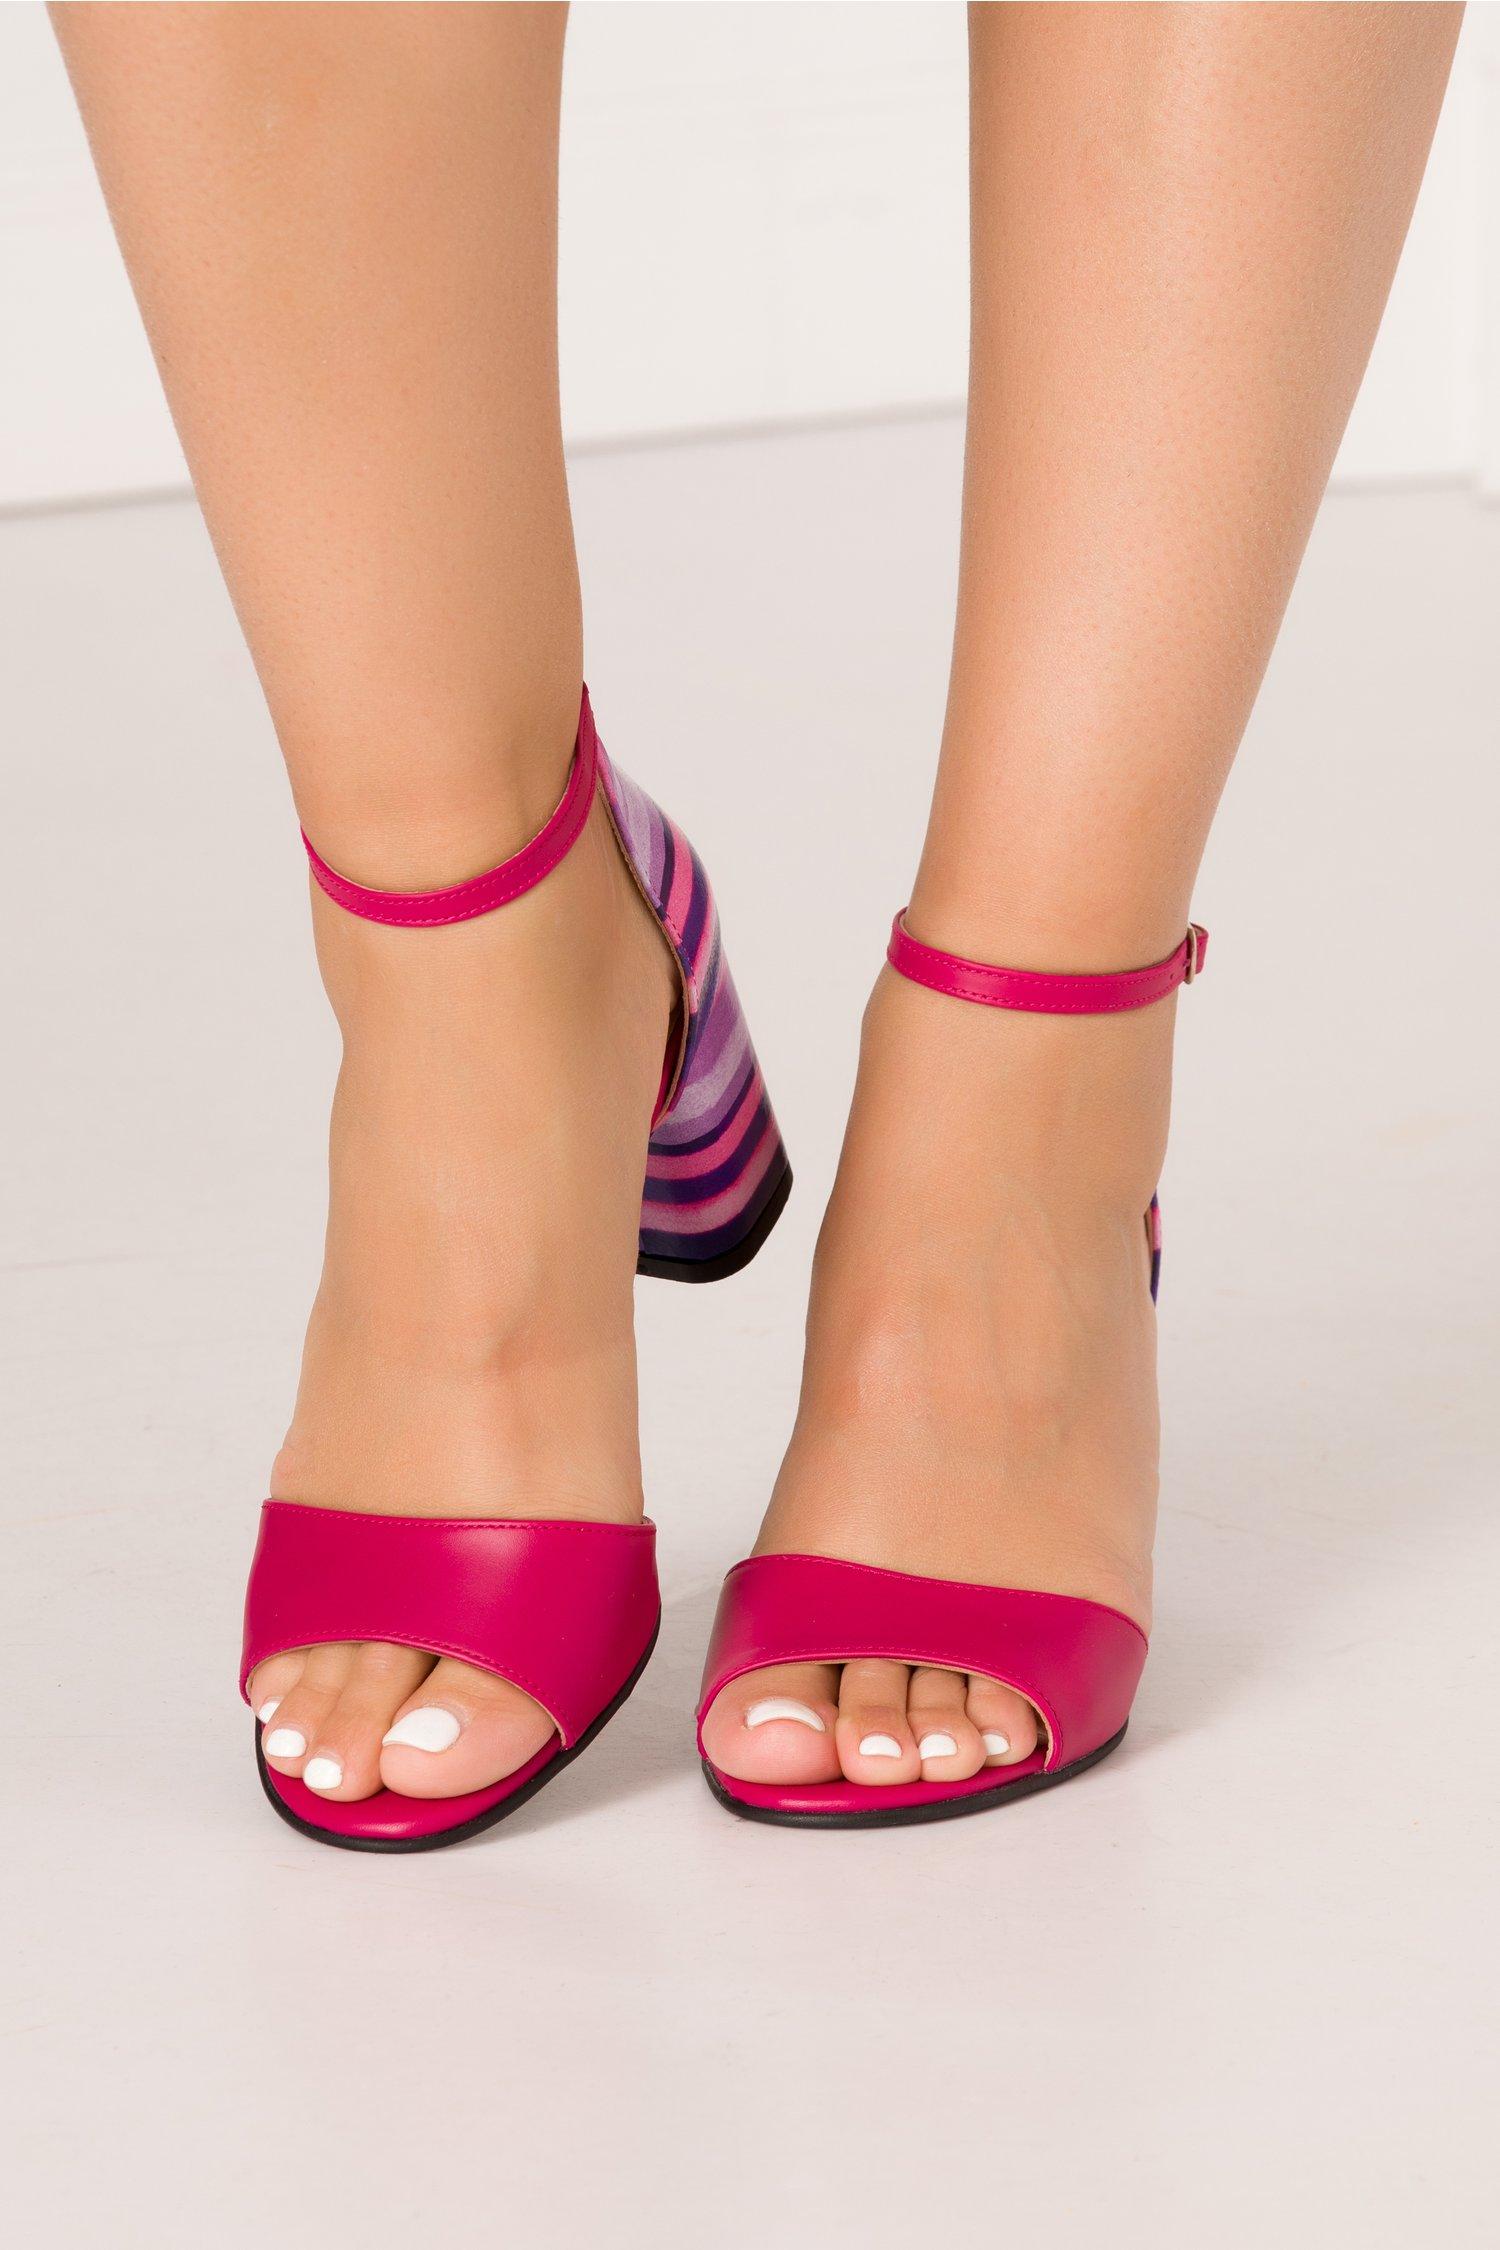 Sandale fucsia cu imprimeu cu dungi multicolore